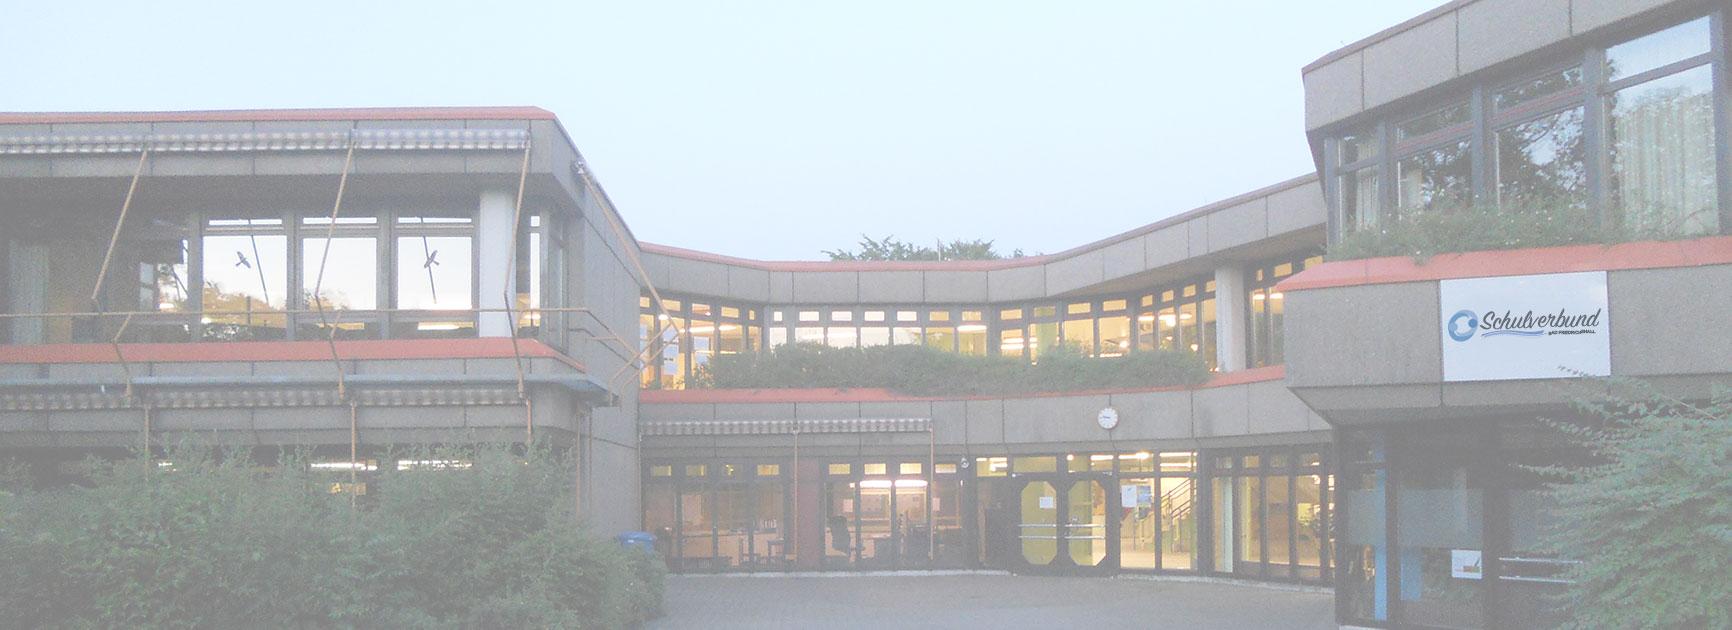 Schulverbund_Werkrealschule